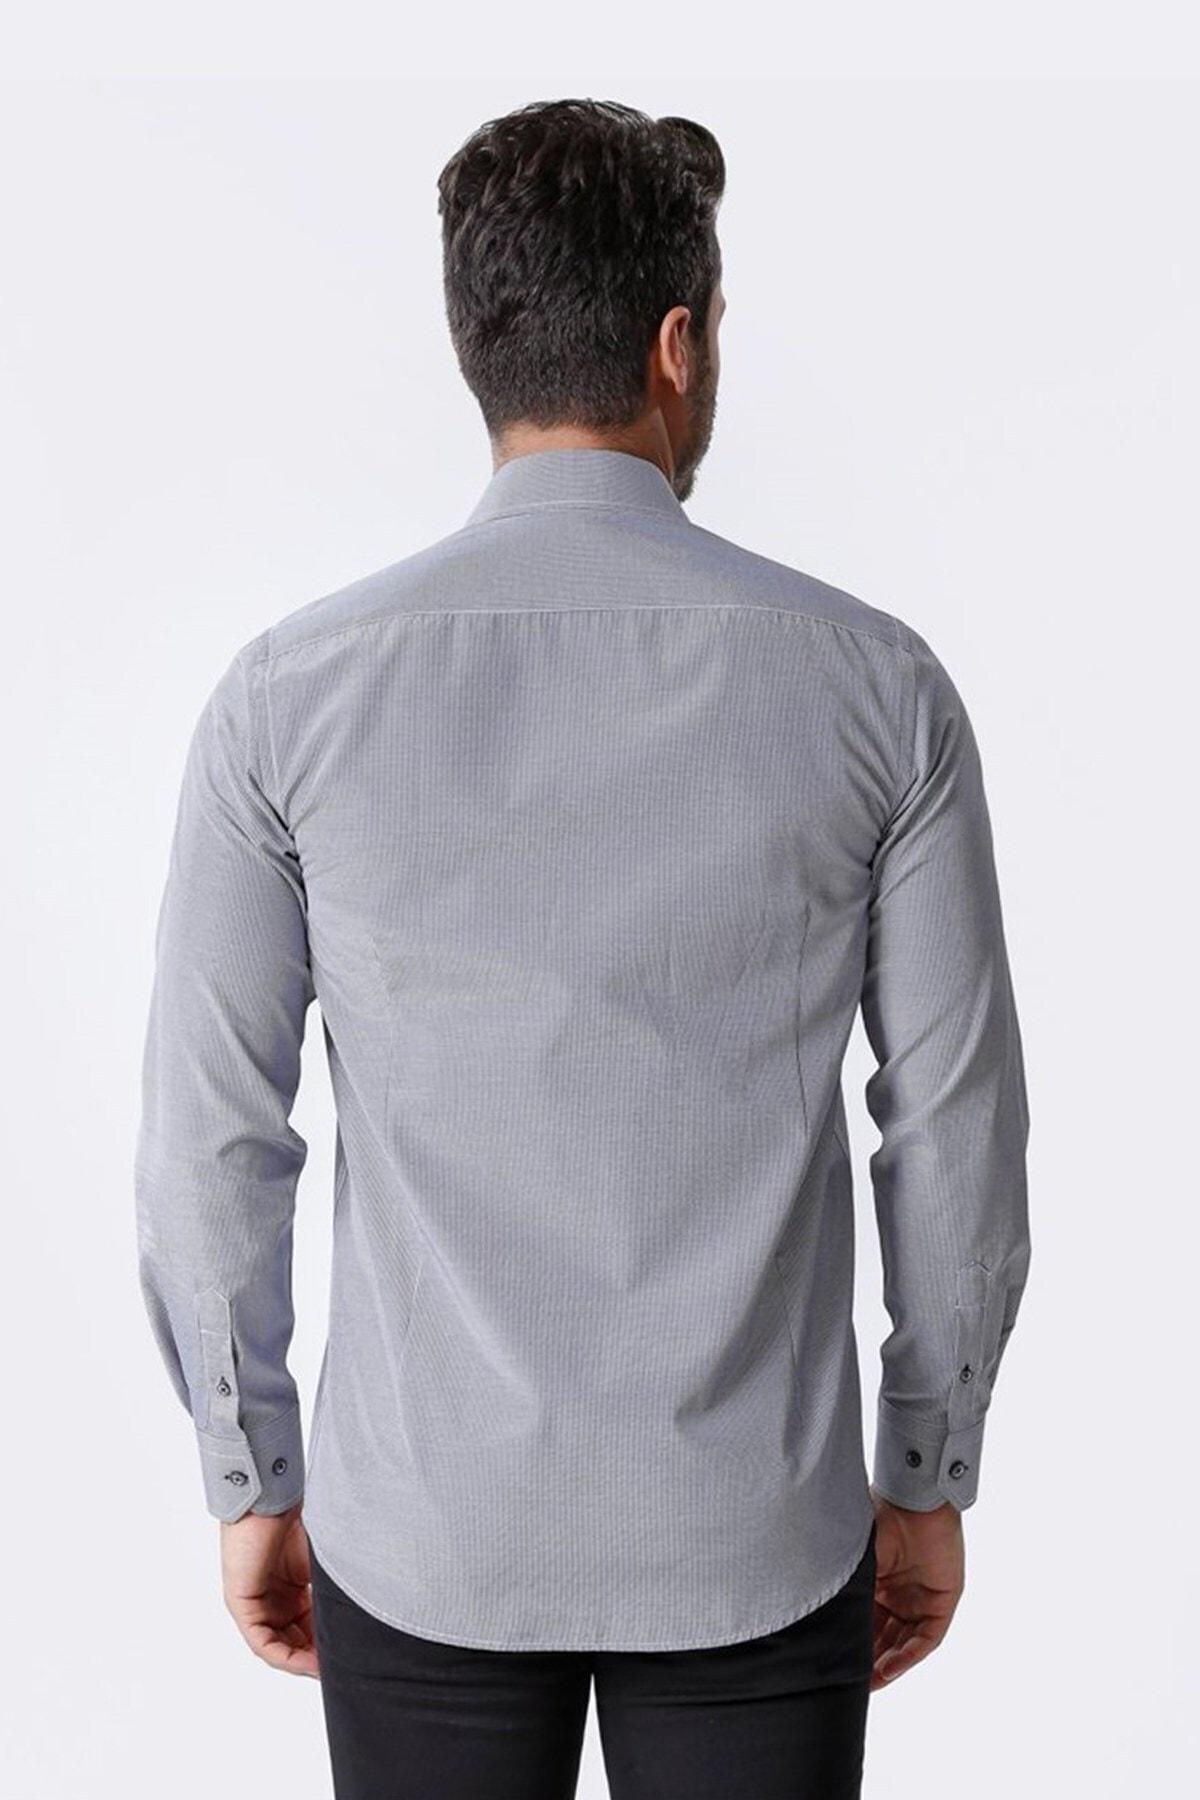 Ottomoda Uzun Kollu Kareli Erkek Gömlek Siyah-beyaz 2